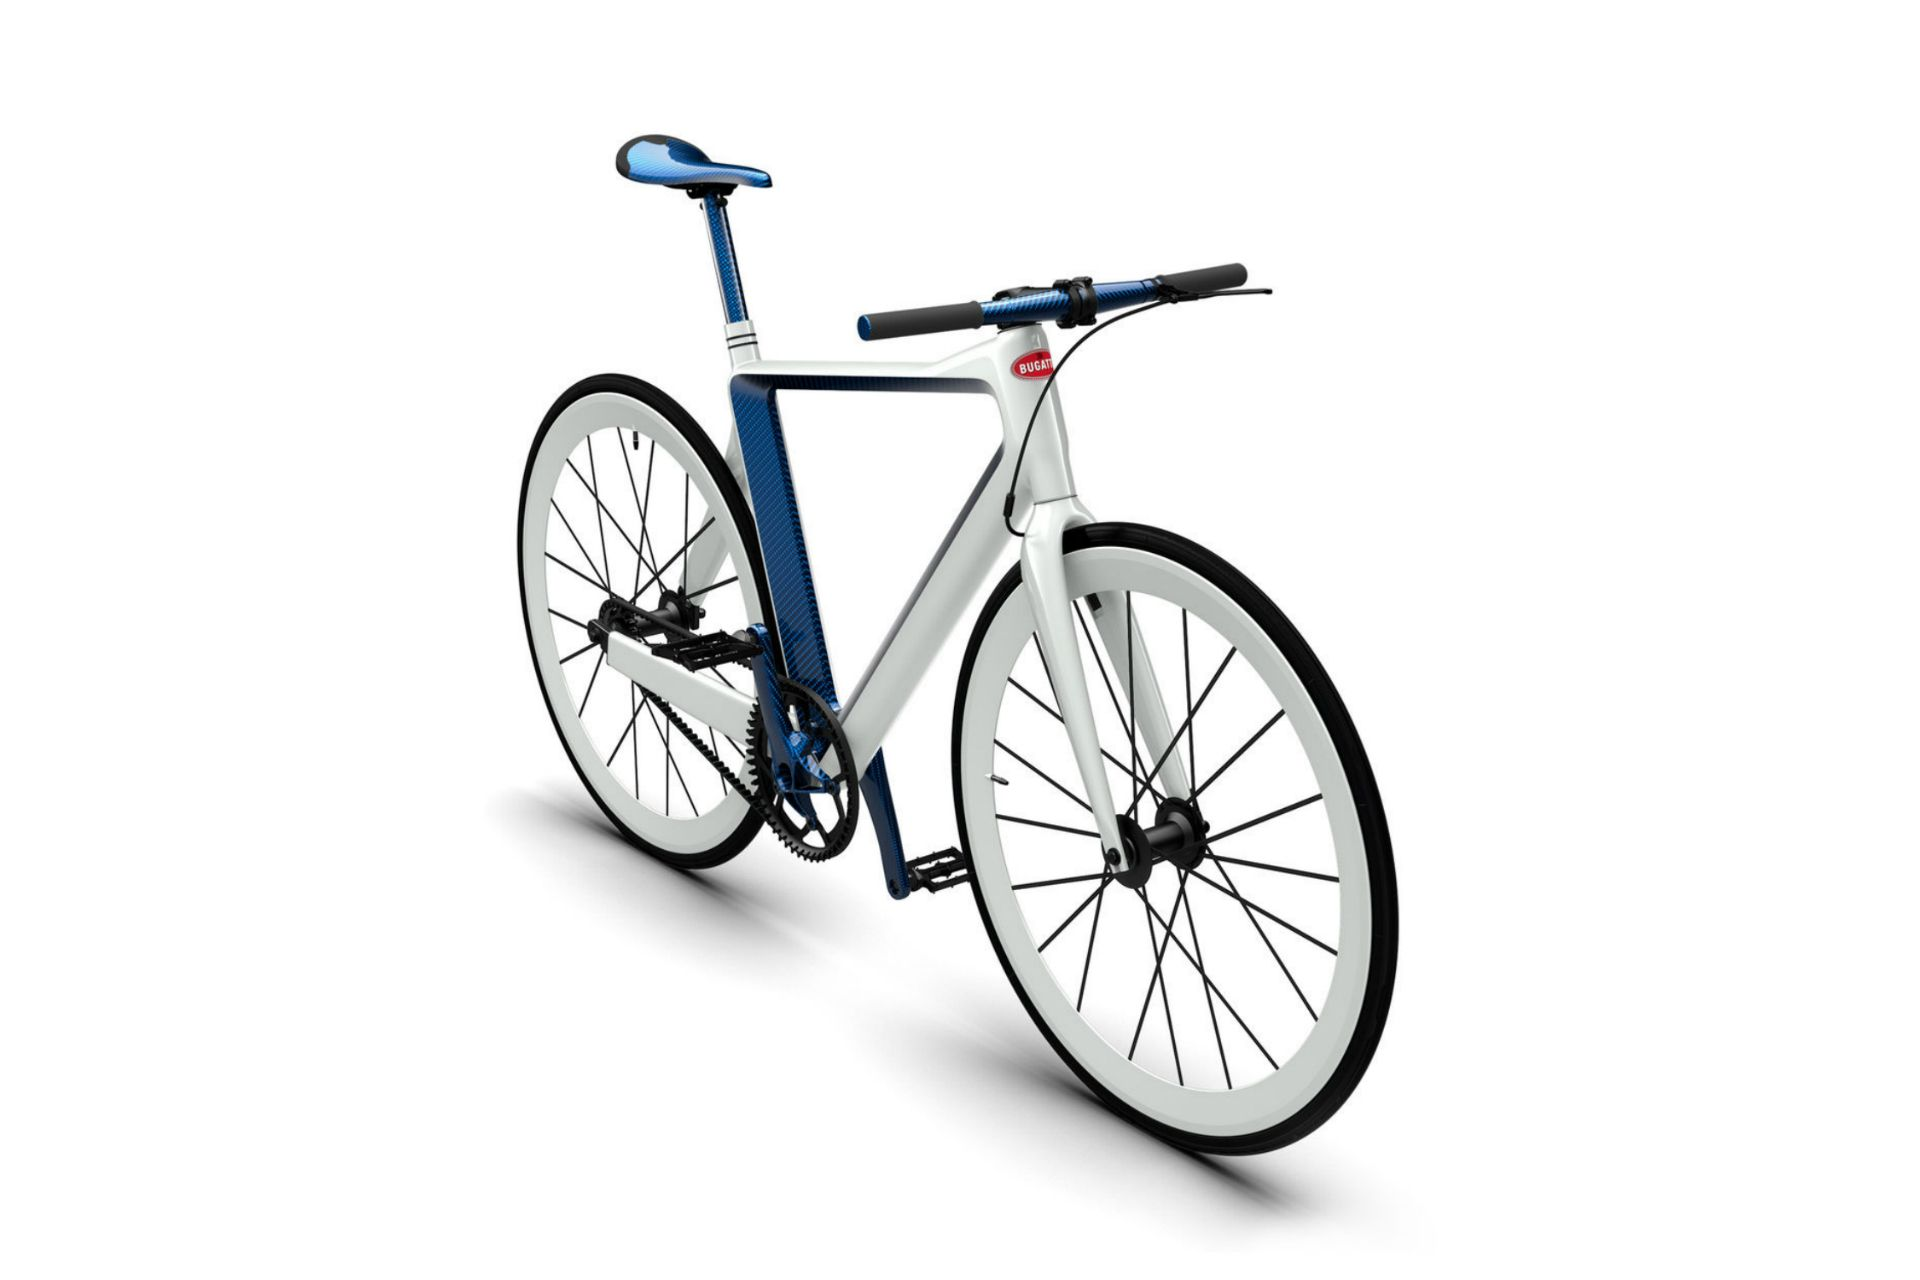 Bicicleta Bugatti PG la mas cara y liviana del mundo Muestra 1